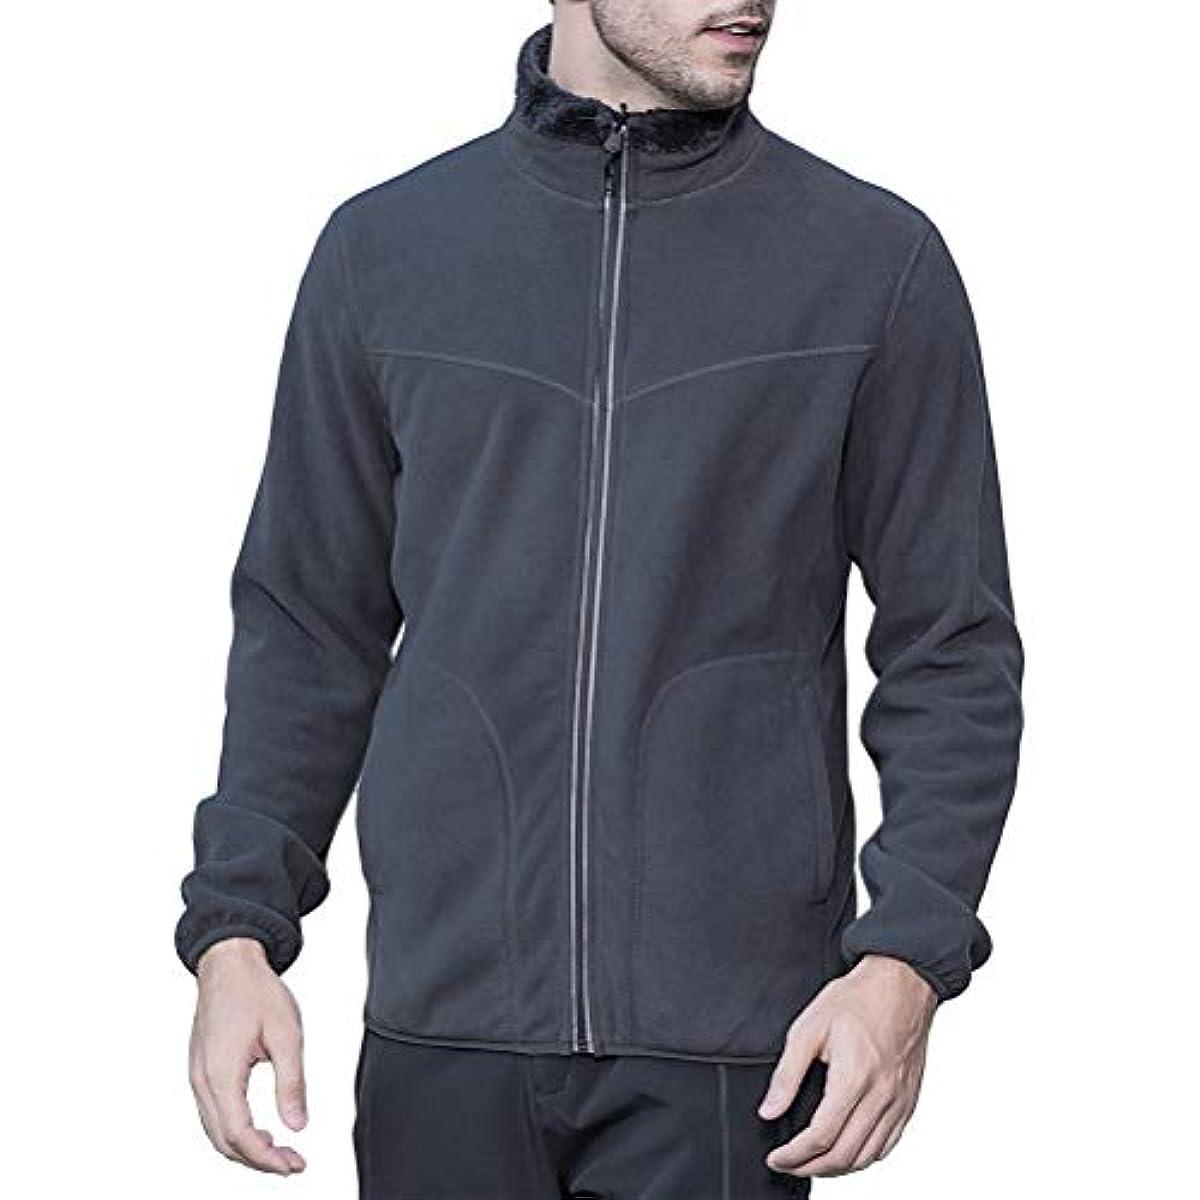 [해외] 추동 기모안감양면 겸용 보아 플리스fleece 트레이너 실내착 일상용 재킷 맨즈 블루종 캐주얼 따뜻하 멋장이 방한 YUKIHARA